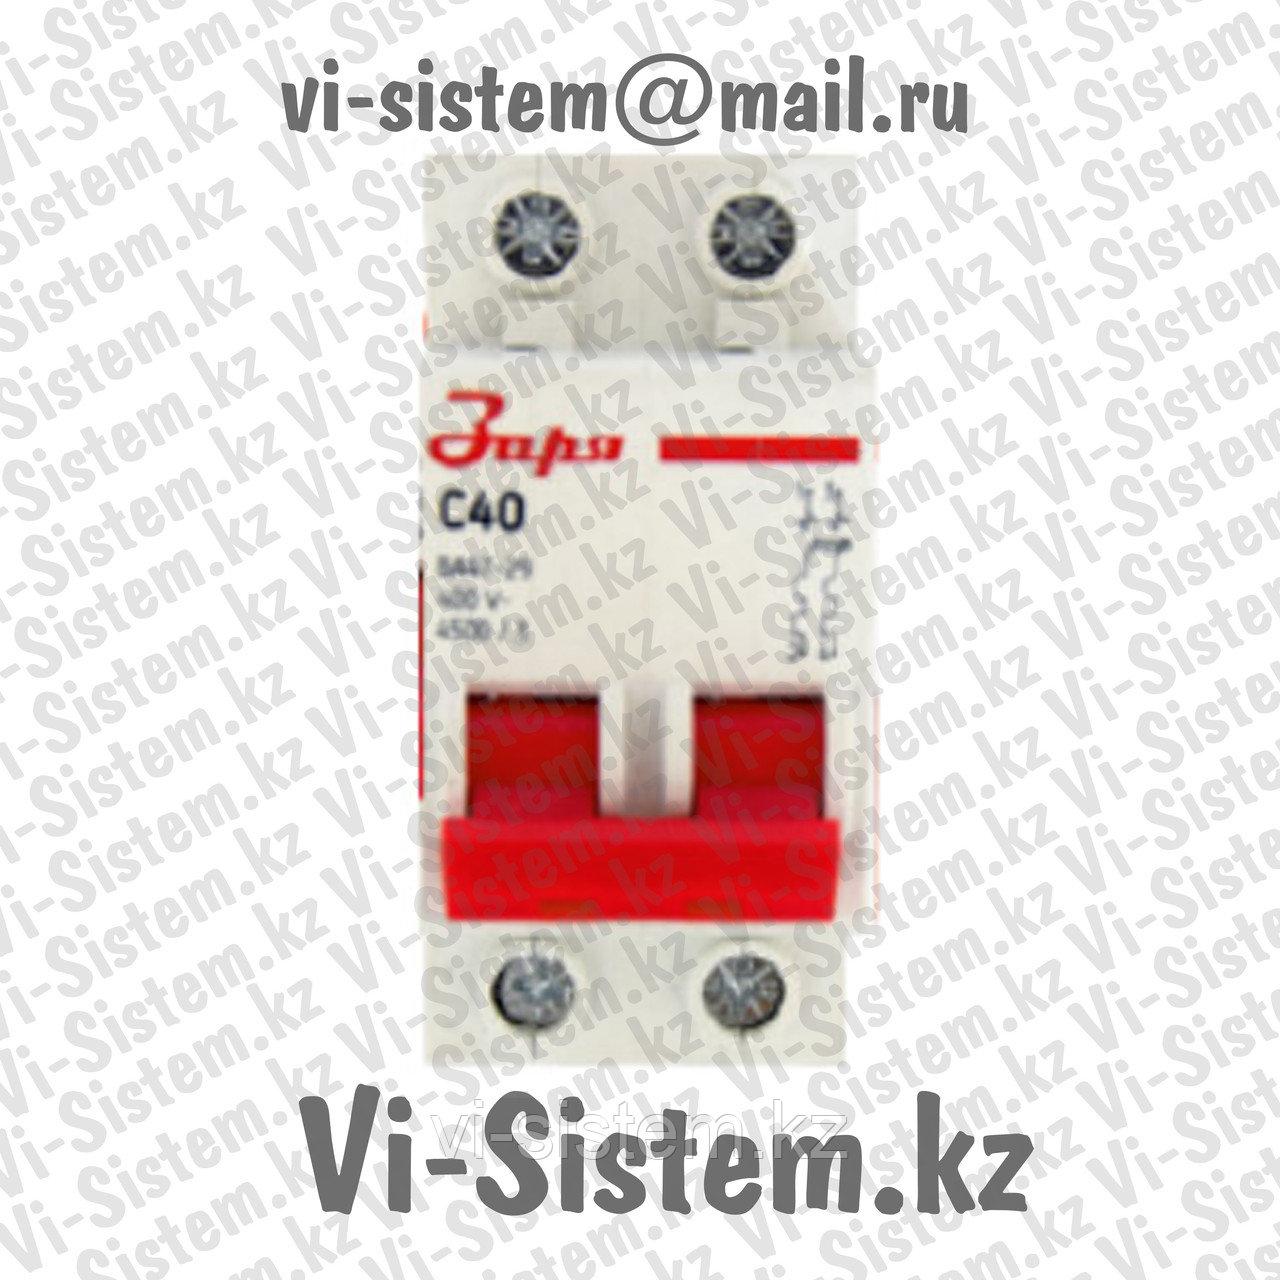 Автоматический выключатель Заря C40 2P-40A